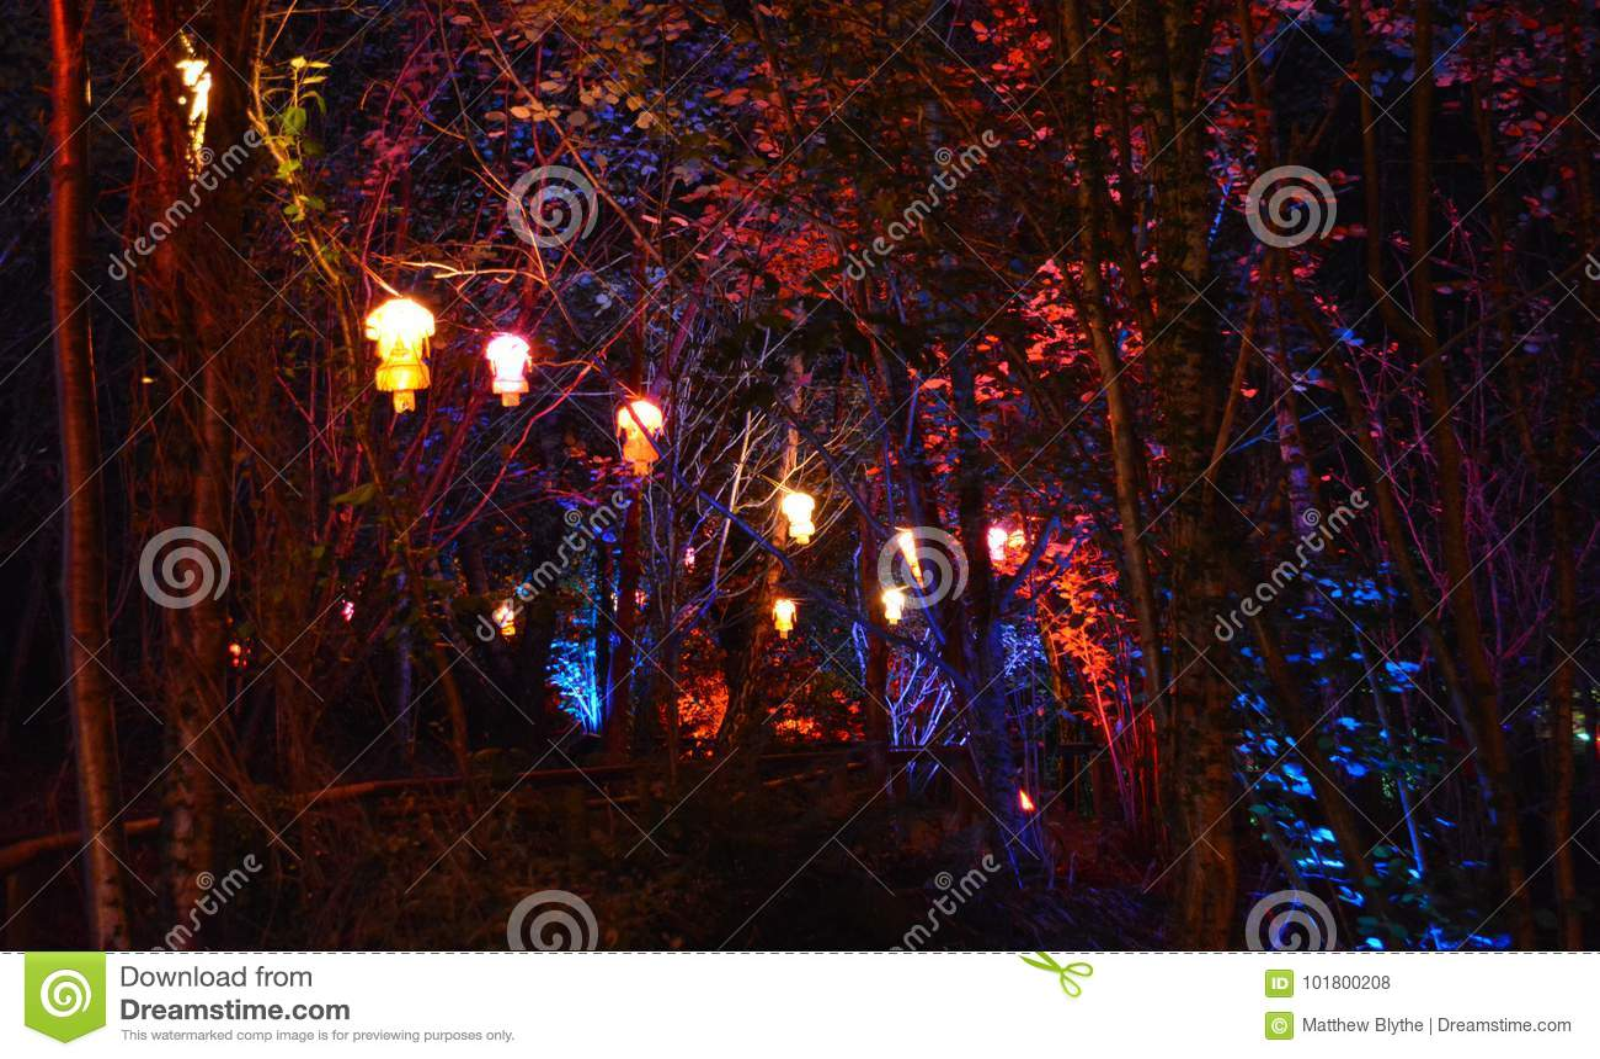 Lanternas e árvores iluminadas